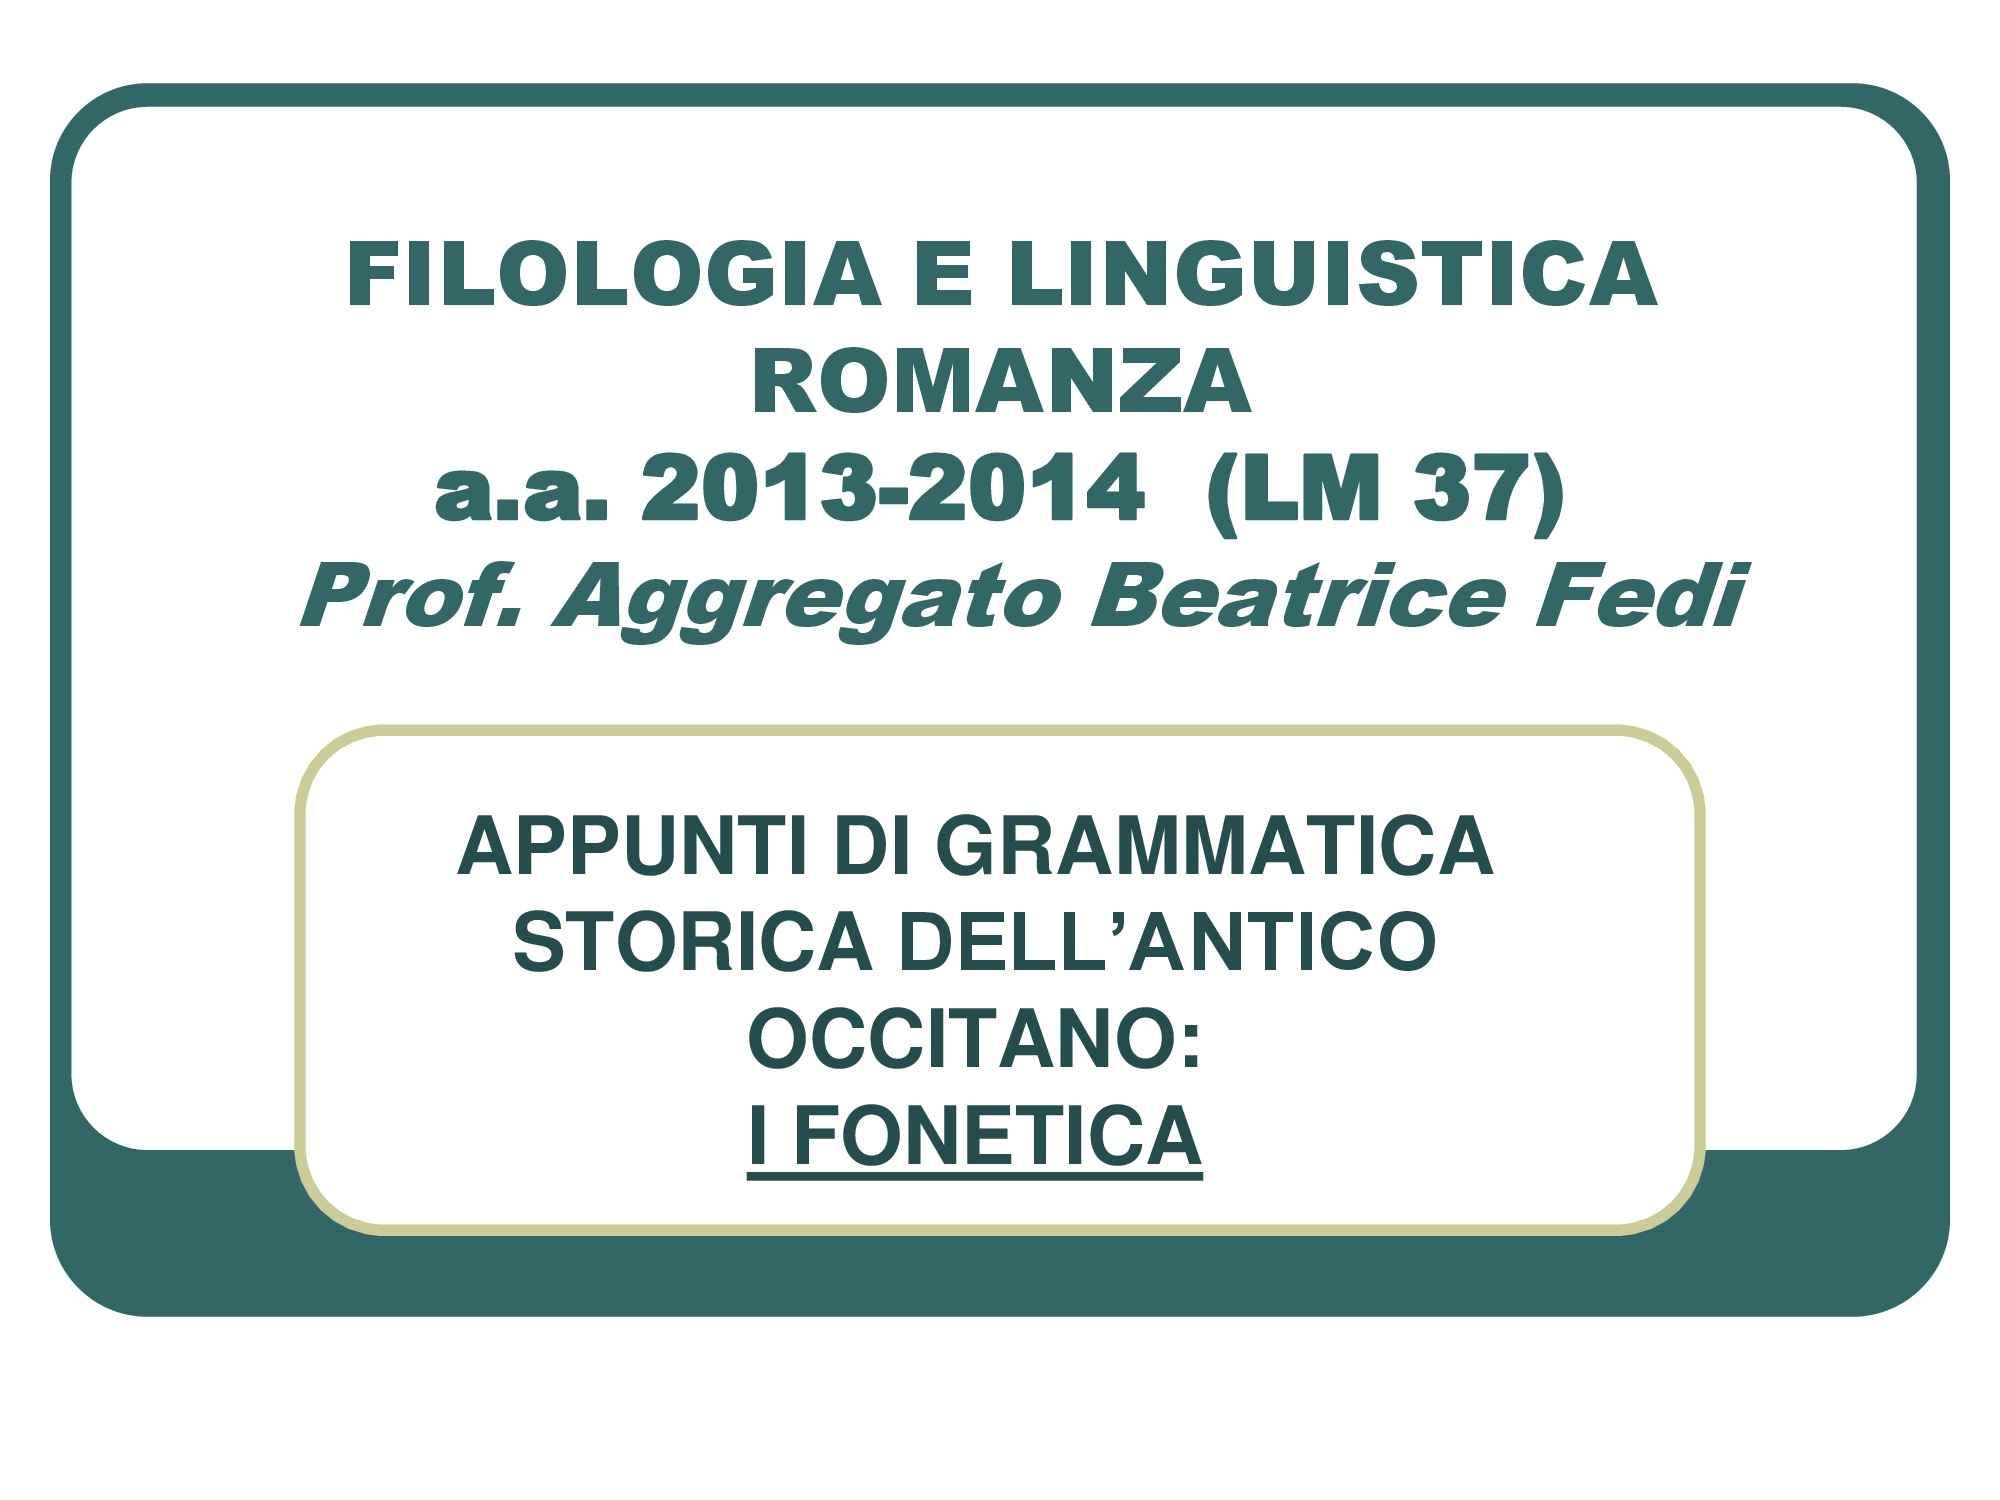 Fonetica, appunti di grammatica storica dell'antico occitano